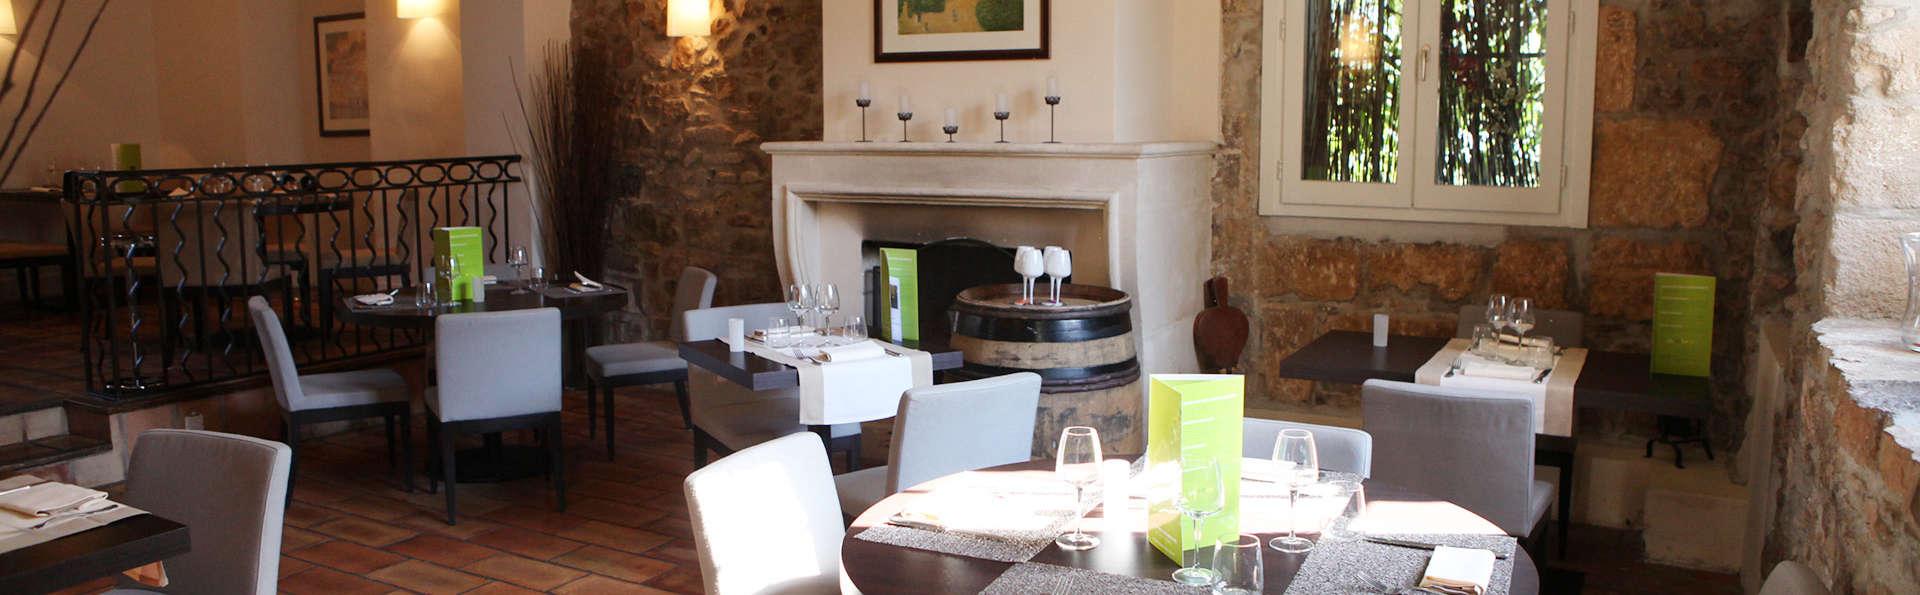 Evasion culinaire aux portes d'Aix-en-Provence